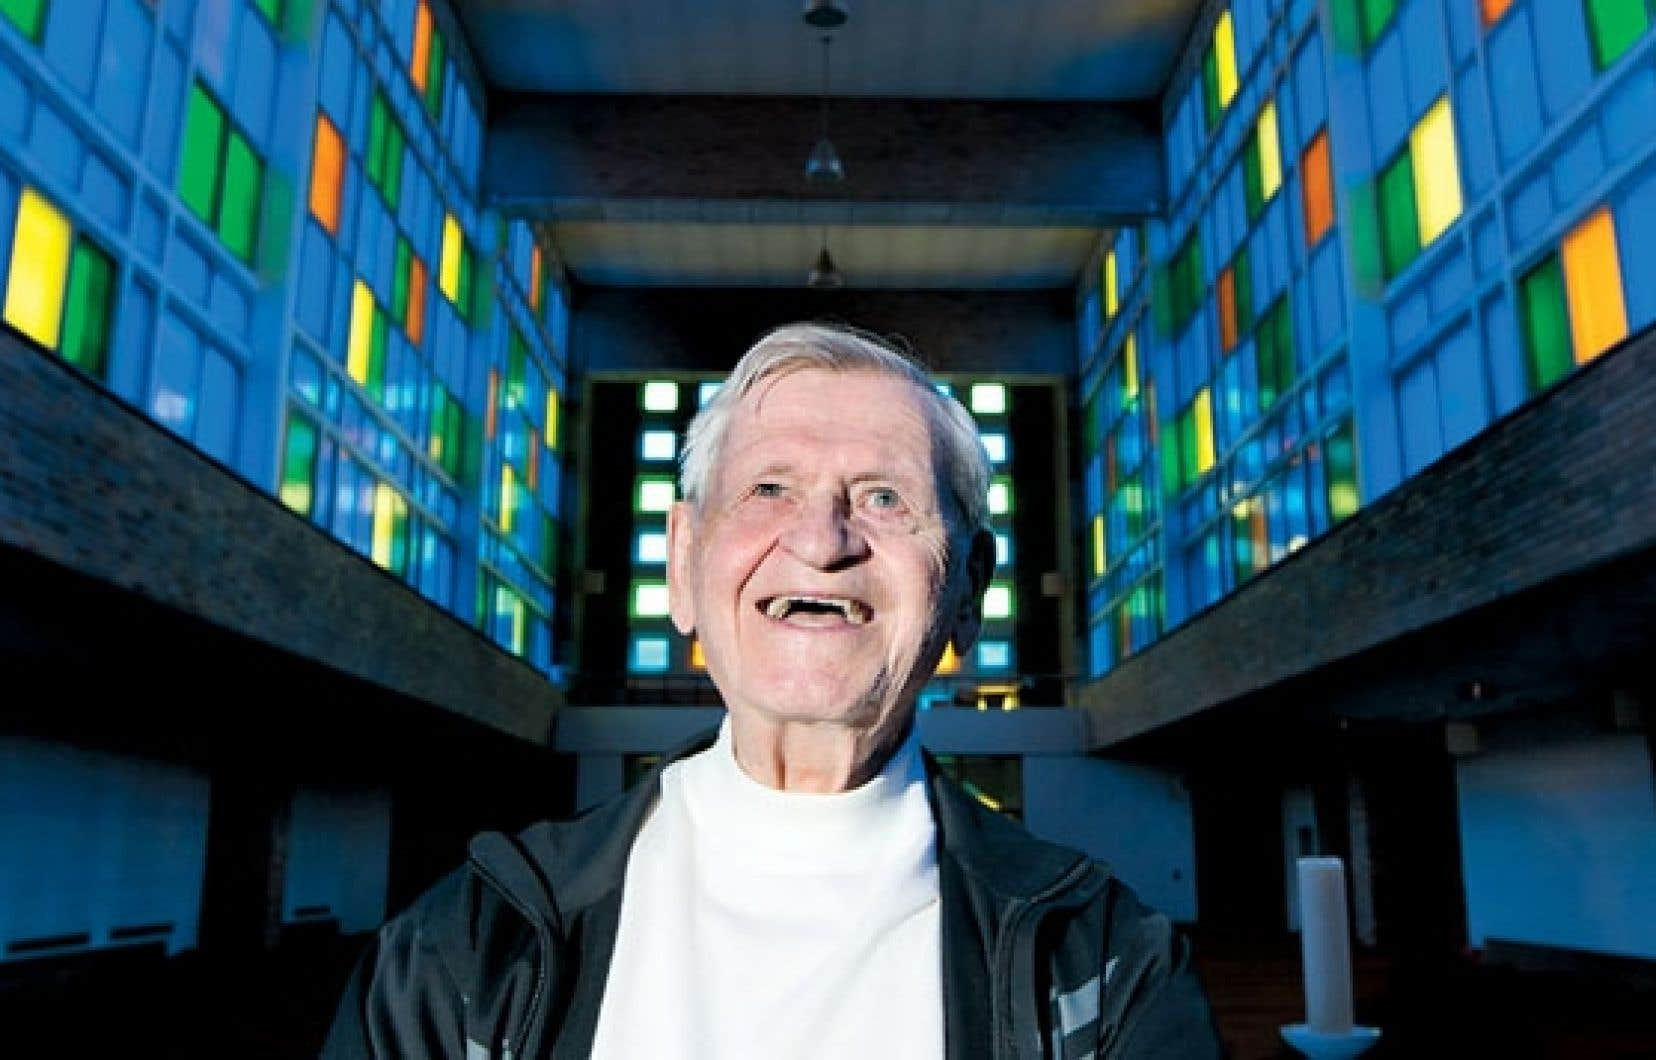 « L'âge nous impose une liberté », constate le père Benoît Lacroix, qui aura 97 ans dans un mois.